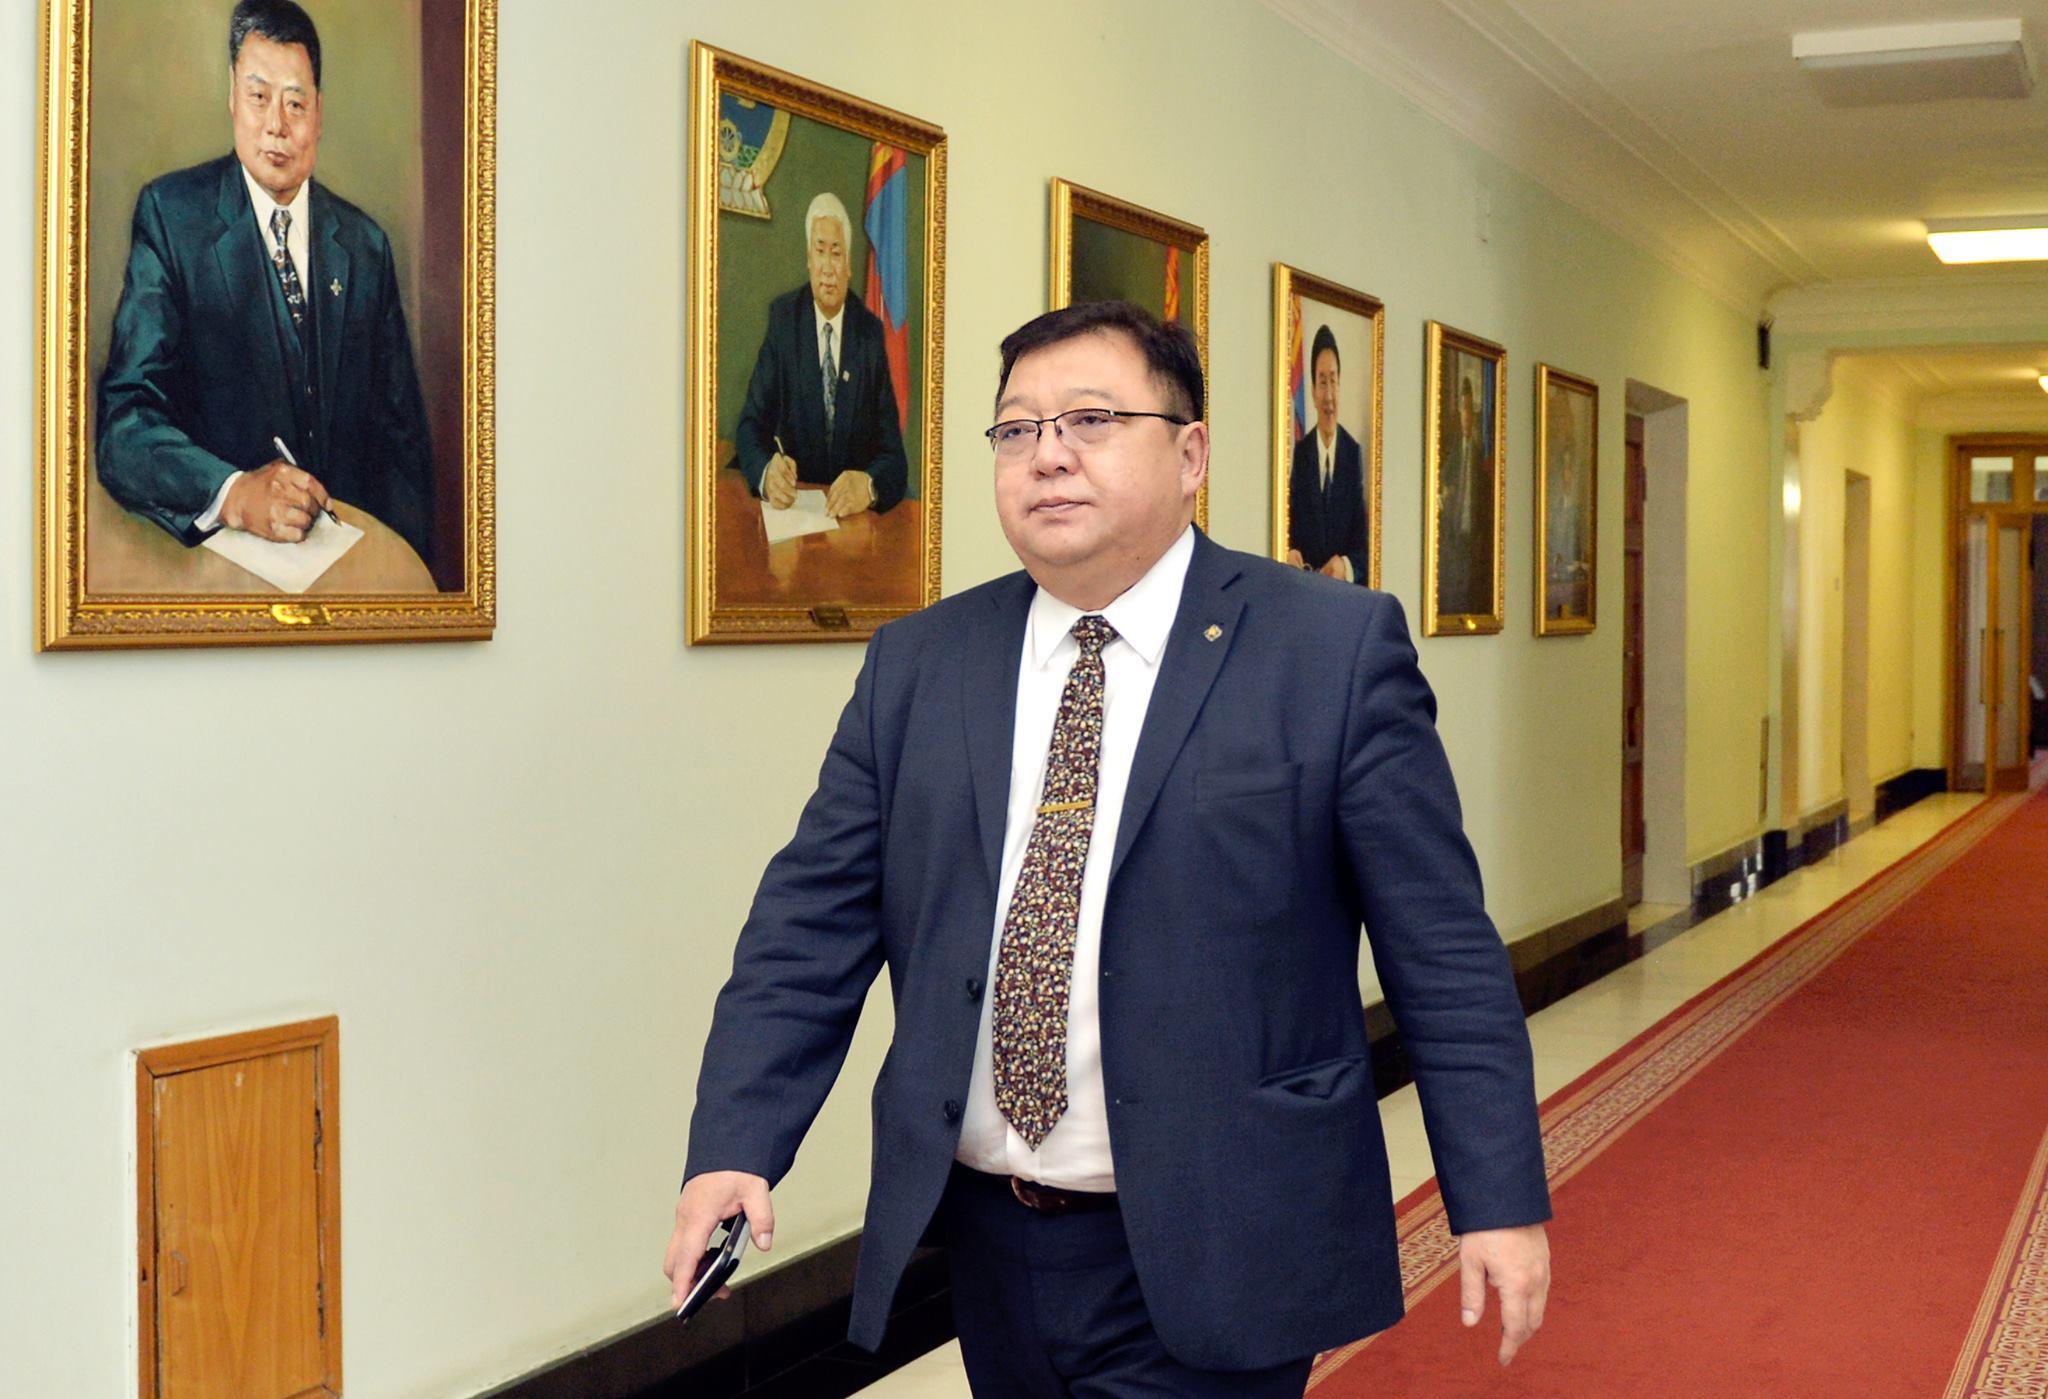 Монголын Ардчилсан холбоо С.Эрдэнийг дэмжиж байна